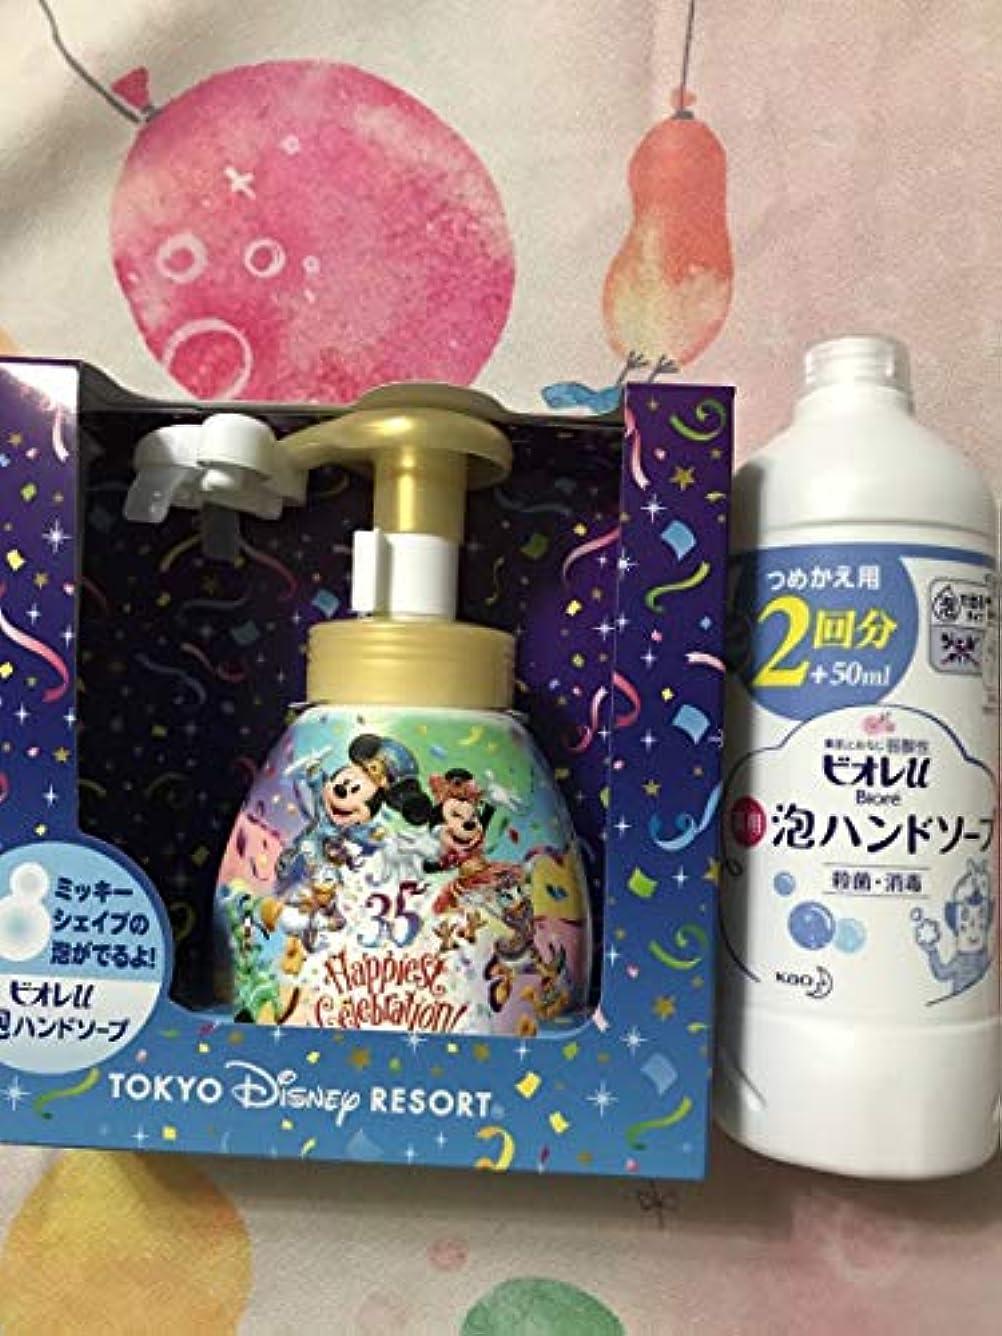 精査するヒールモードリンミッキー シェイプ ハンドソープ 東京 ディズニー リゾート 35周年 記念 石鹸 ビオレU 詰め替え 付き